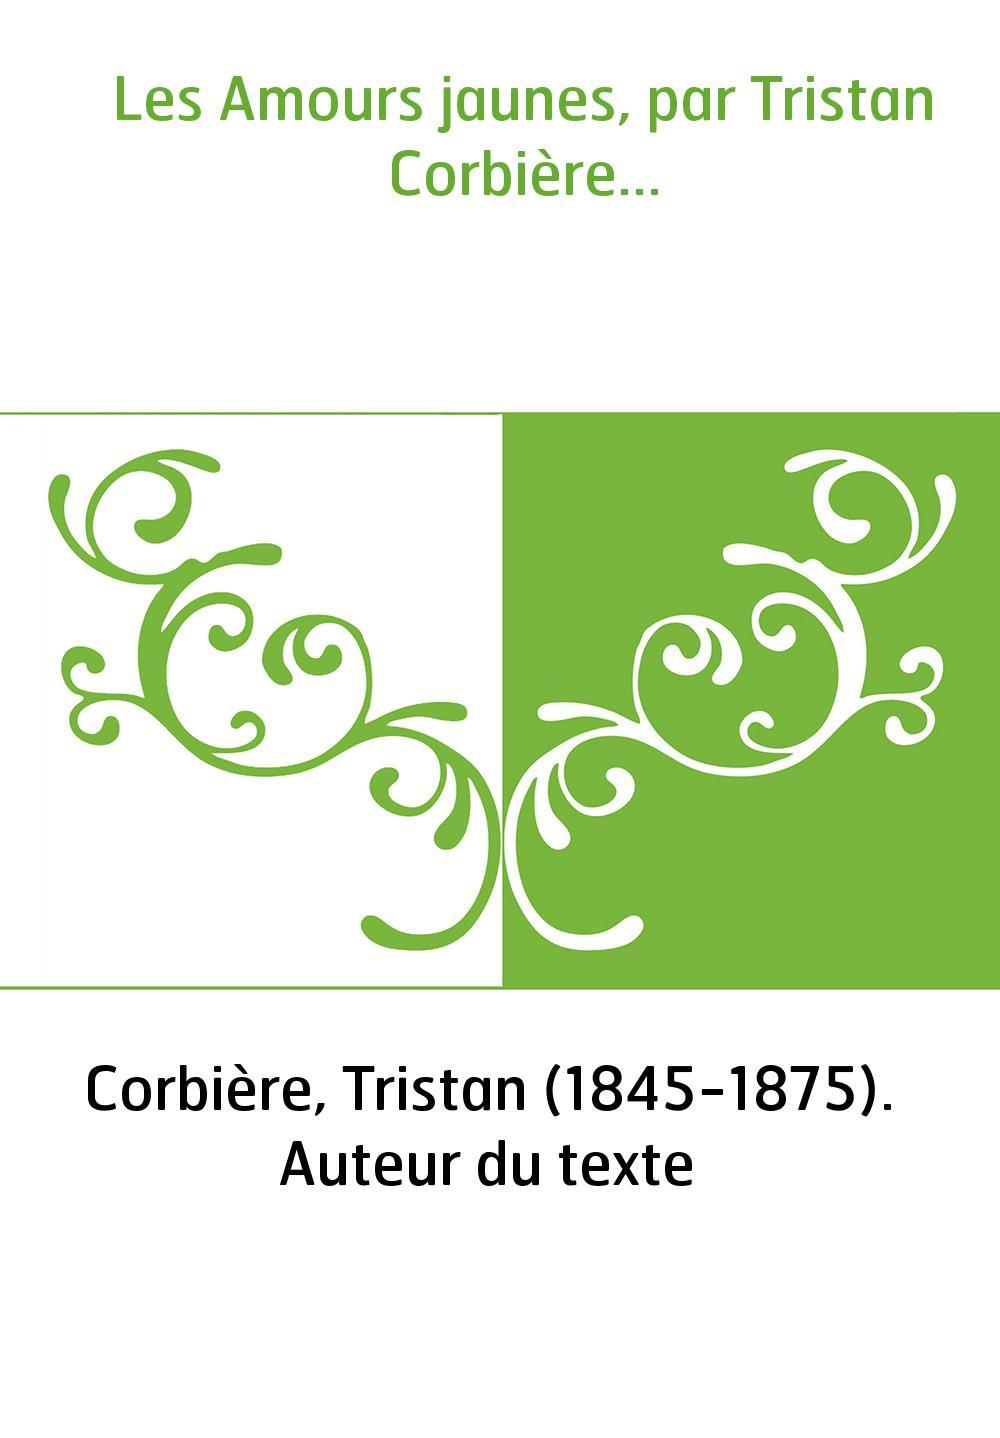 Les Amours jaunes, par Tristan Corbière...